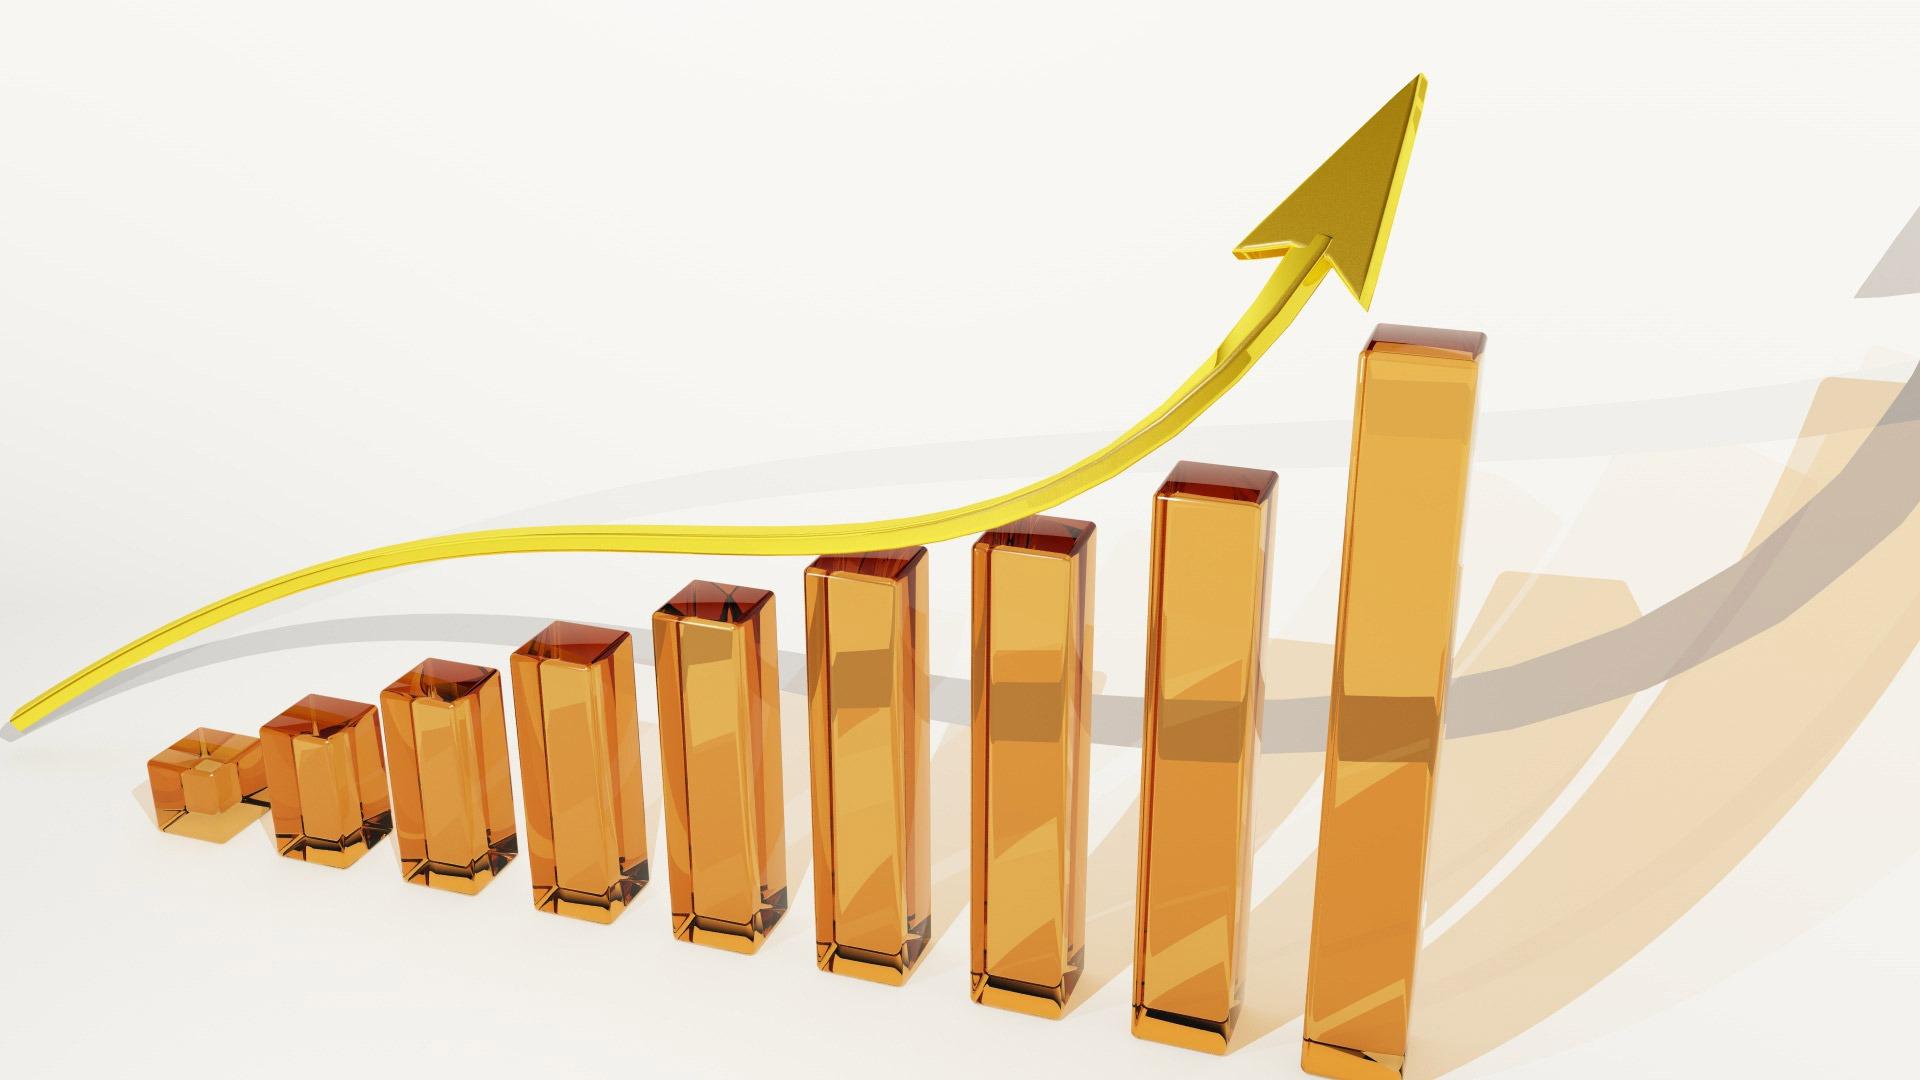 Aktienhandel für Einsteiger: So richten Sie Ihr Depot ein